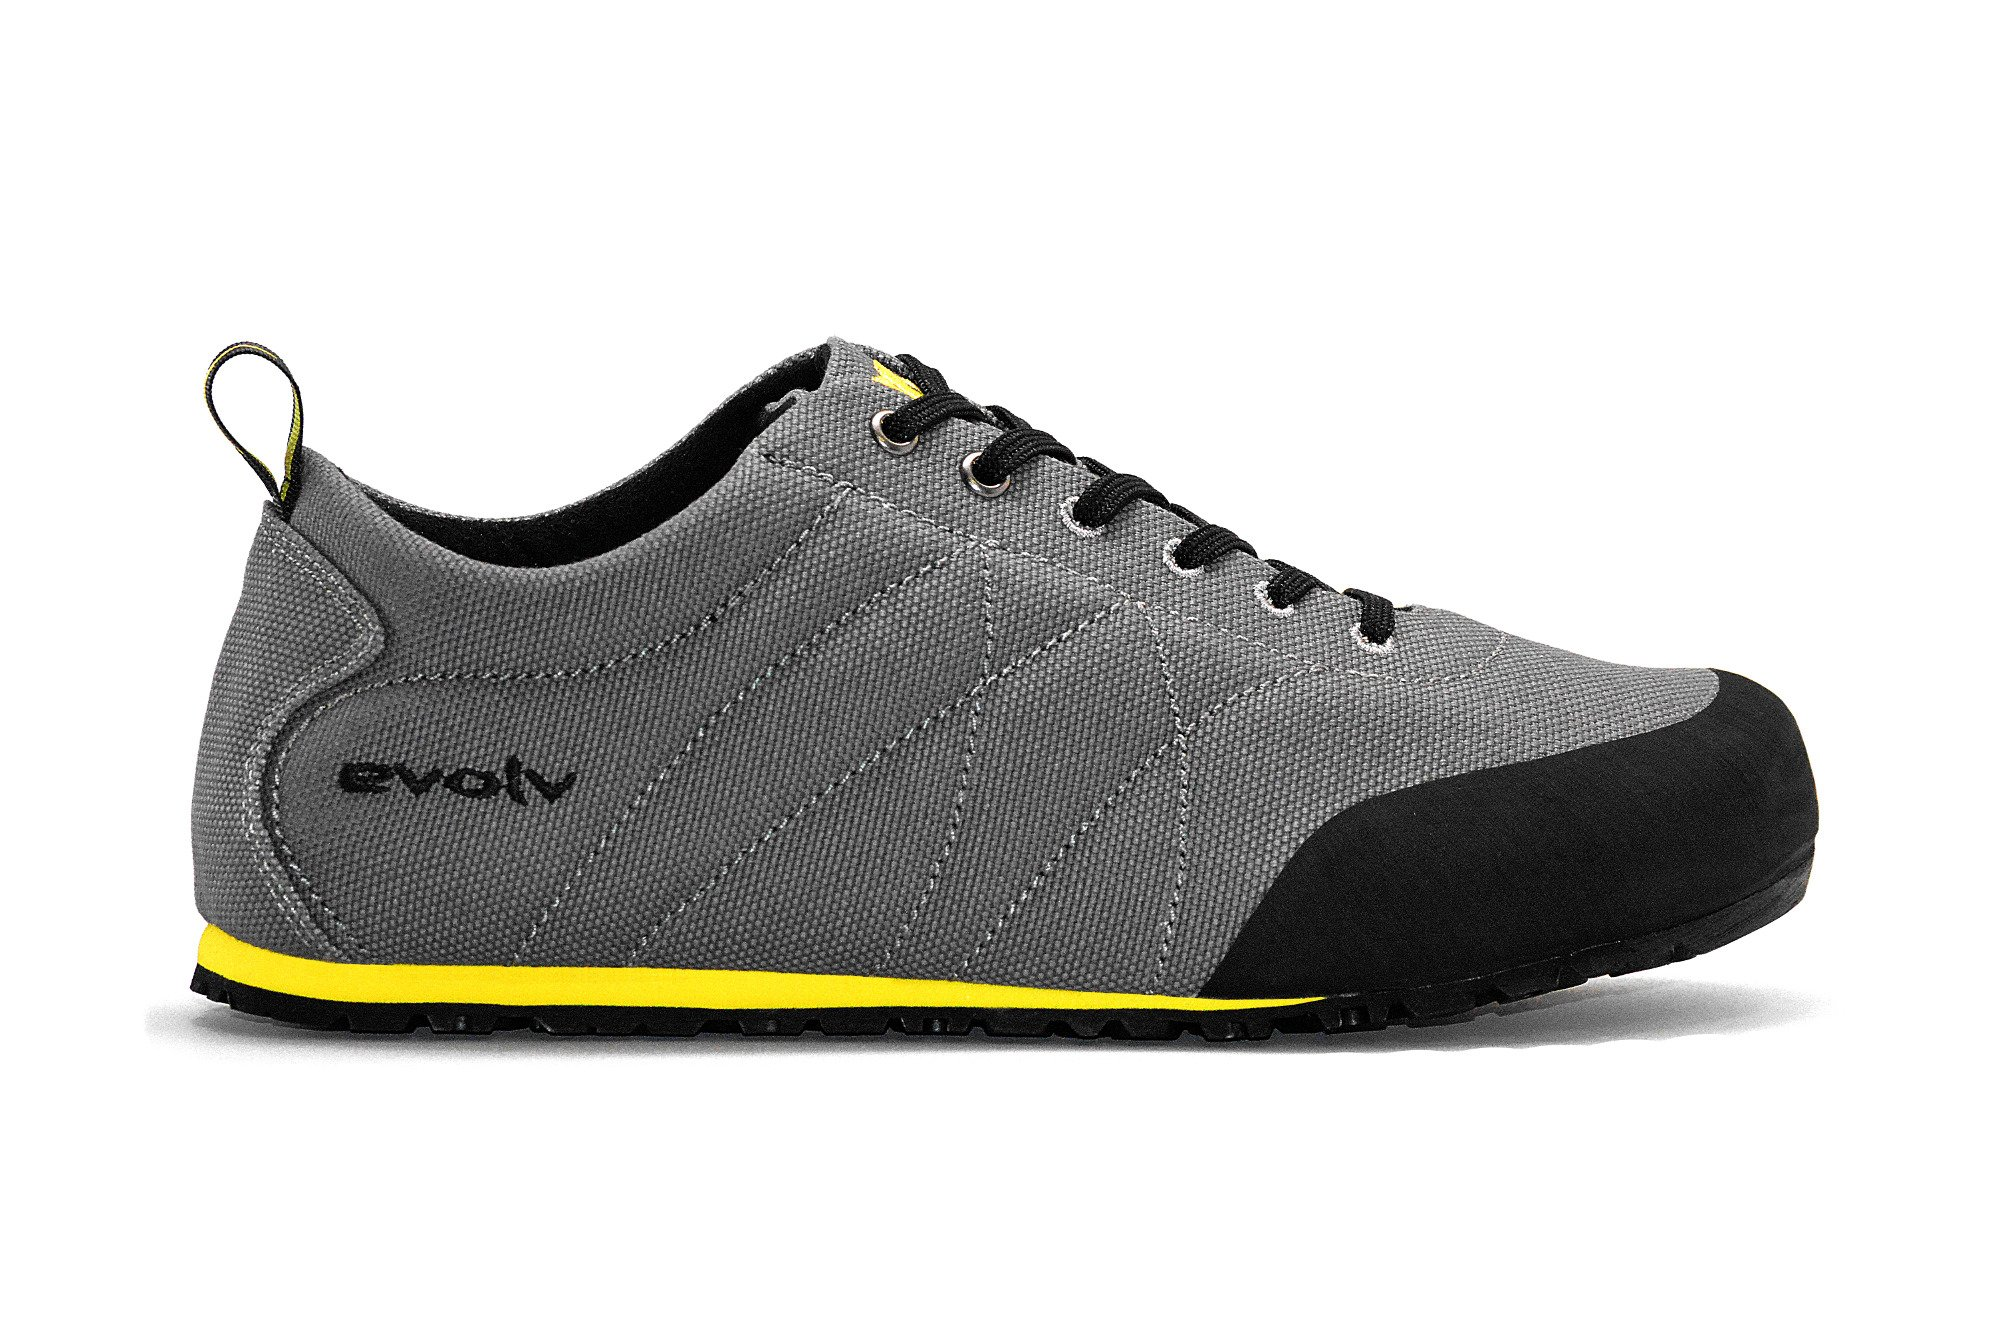 Evolv Cruzer Psyche Approach Shoe - Slate 10